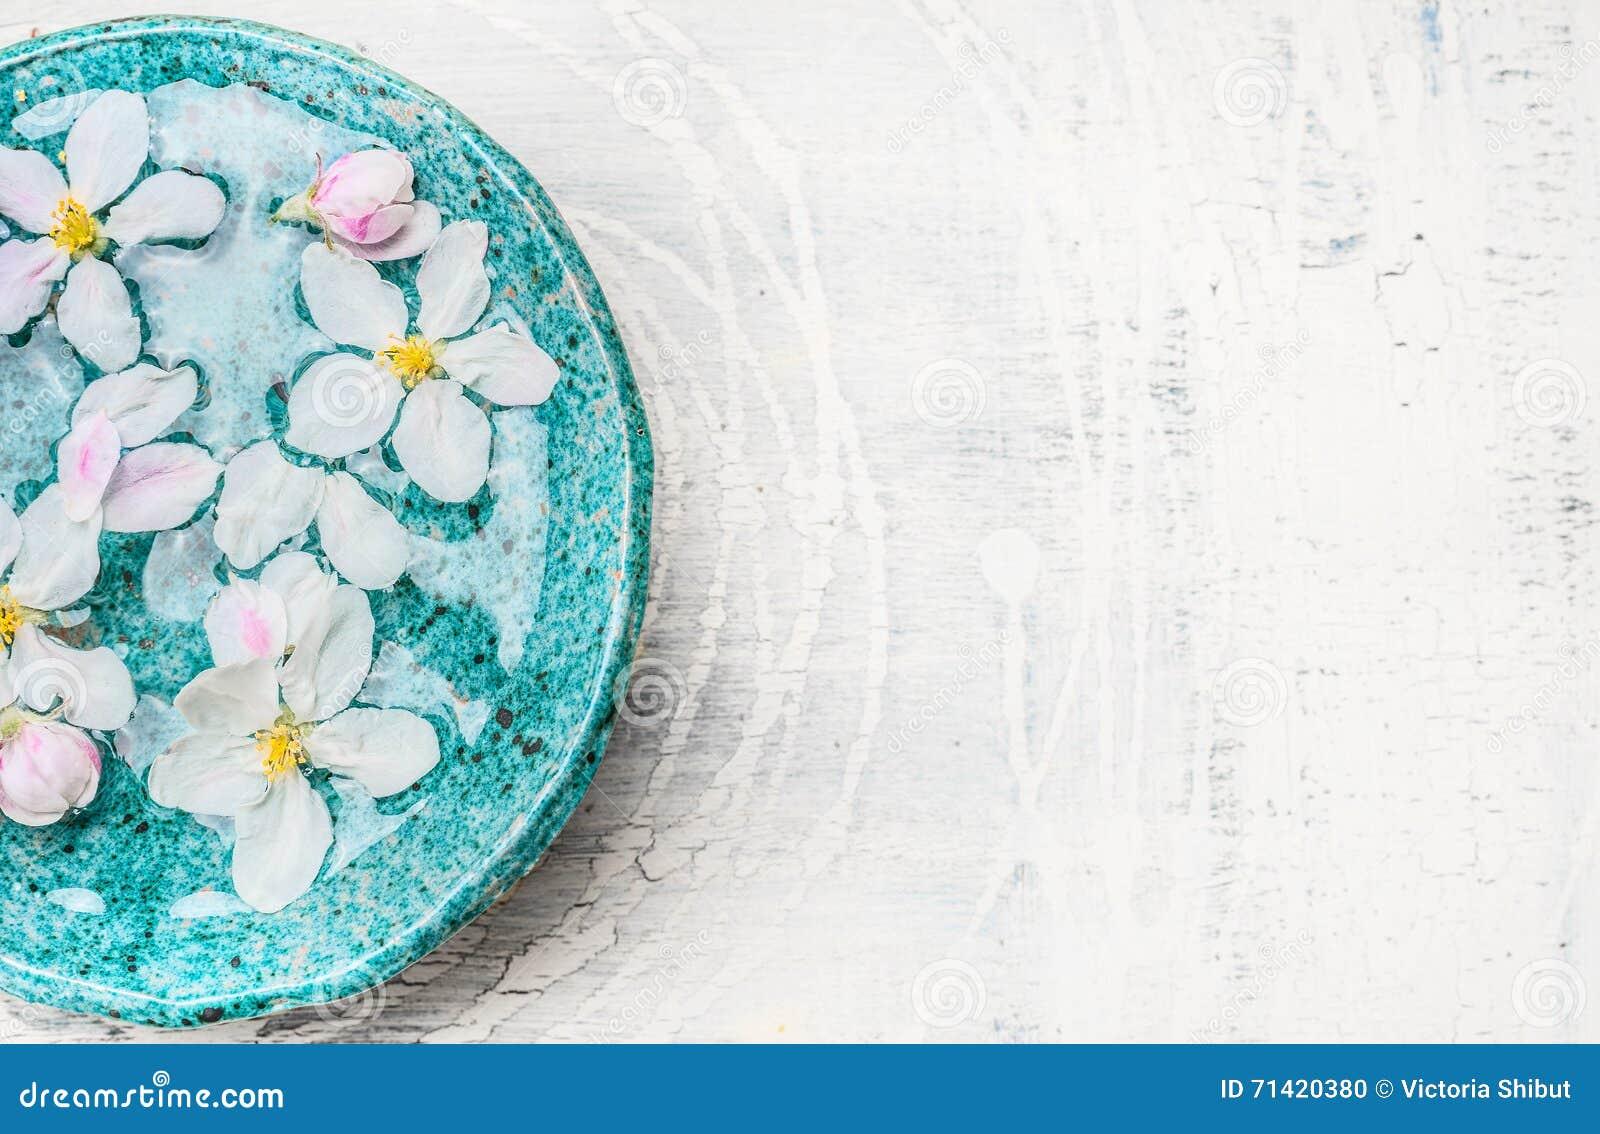 Biali kwiaty w turkusowej błękitne wody rzucają kulą na lekkim podławym modnym drewnianym tle, odgórny widok, miejsce dla teksta